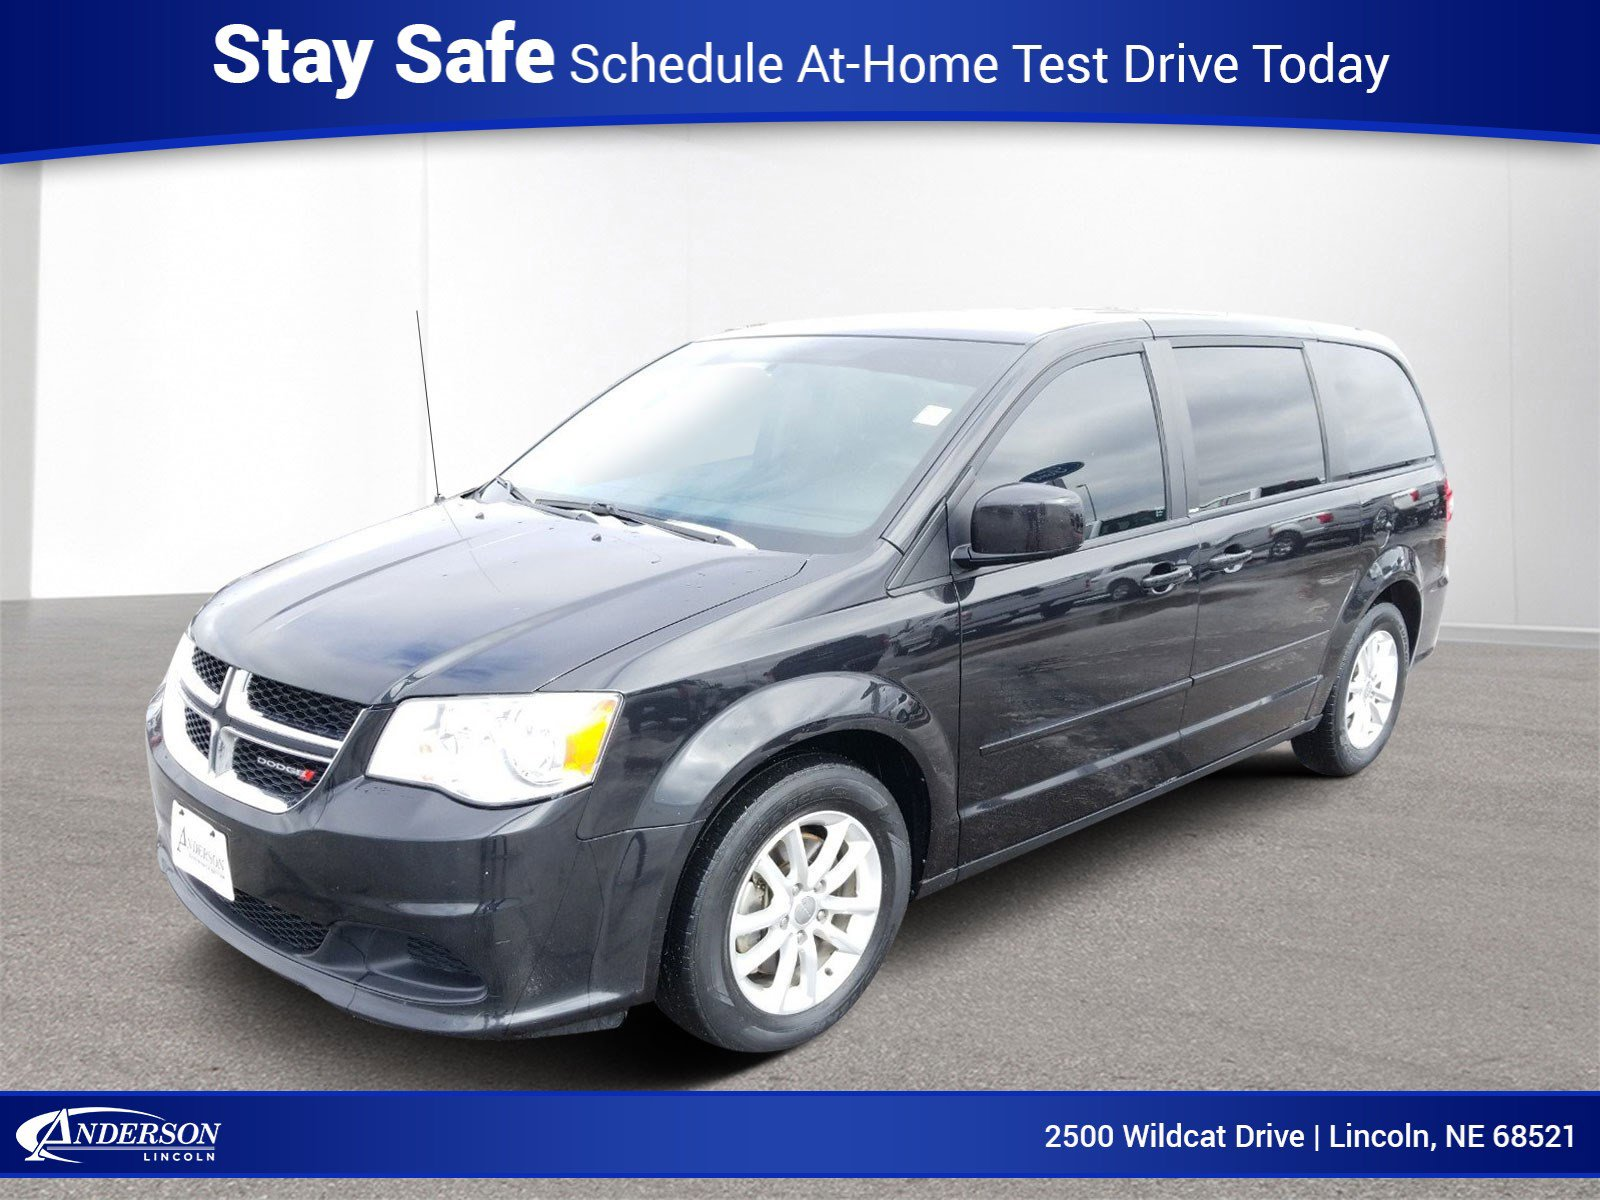 Used 2013 Dodge Grand Caravan SXT Mini-van for sale in Lincoln NE